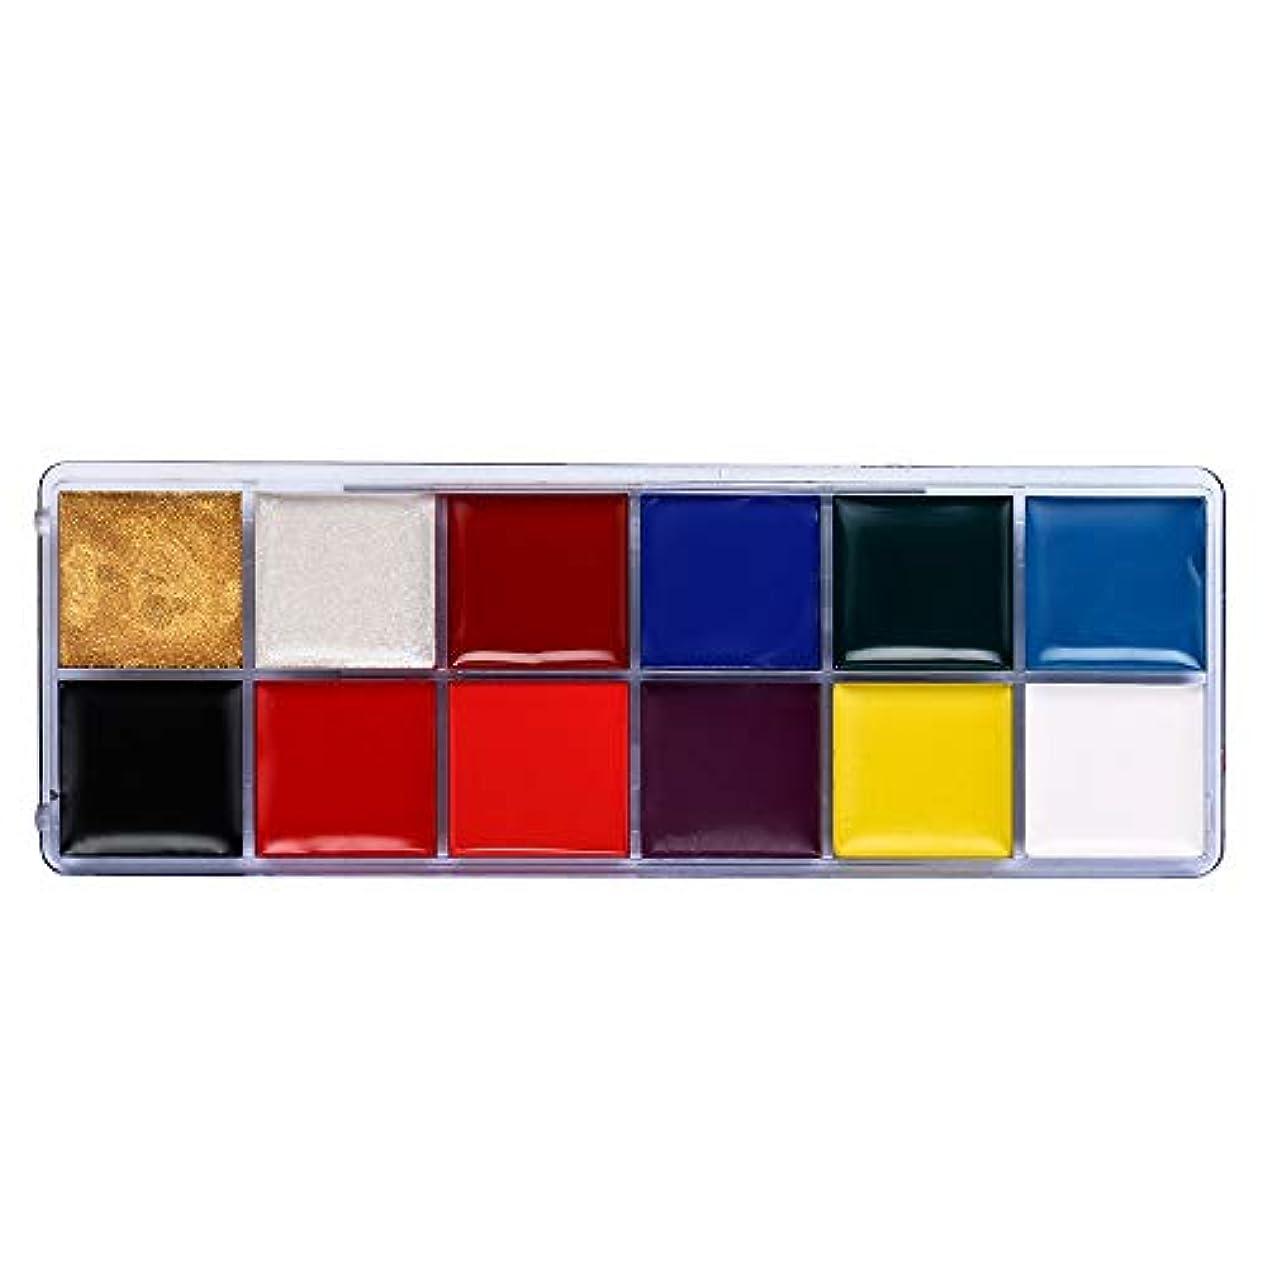 導体ガジュマルしばしば12色ボディ塗装オイルカラードラマピエロハロウィンメイクアップフェイスカラー